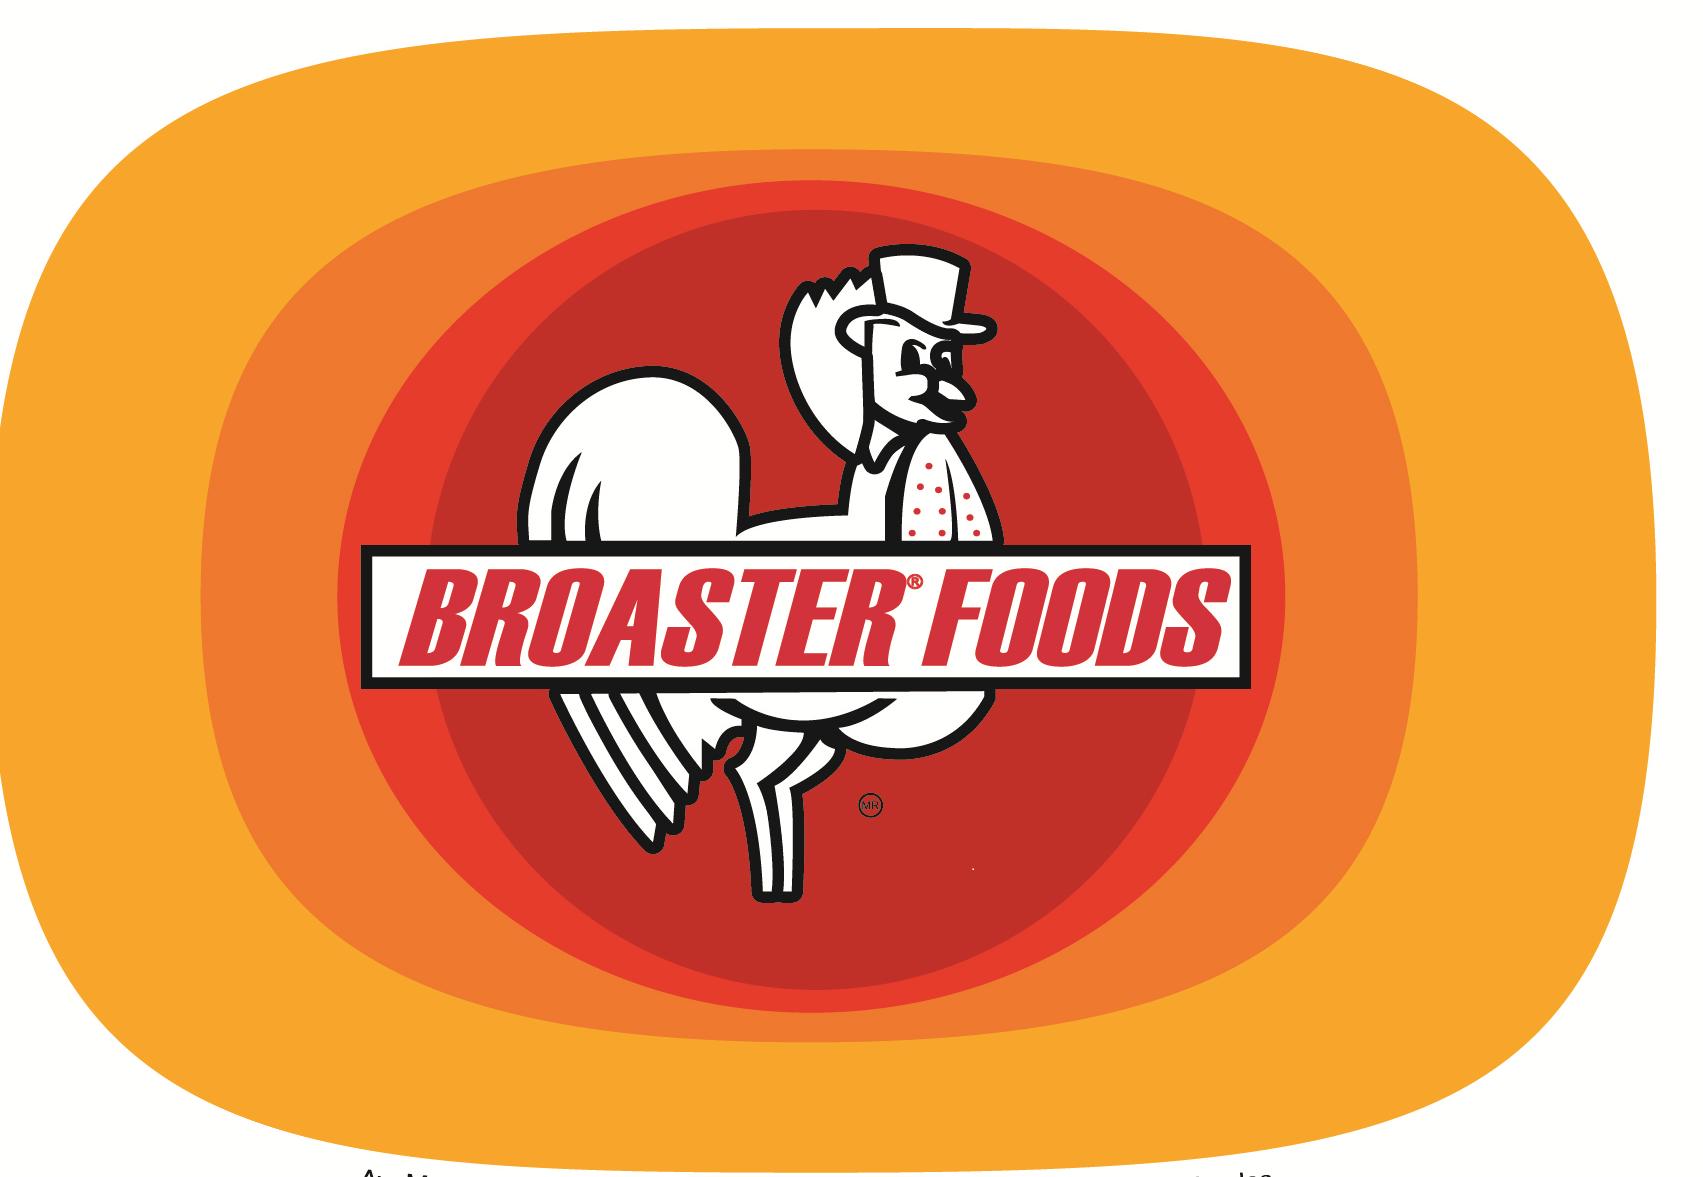 broaster fooods